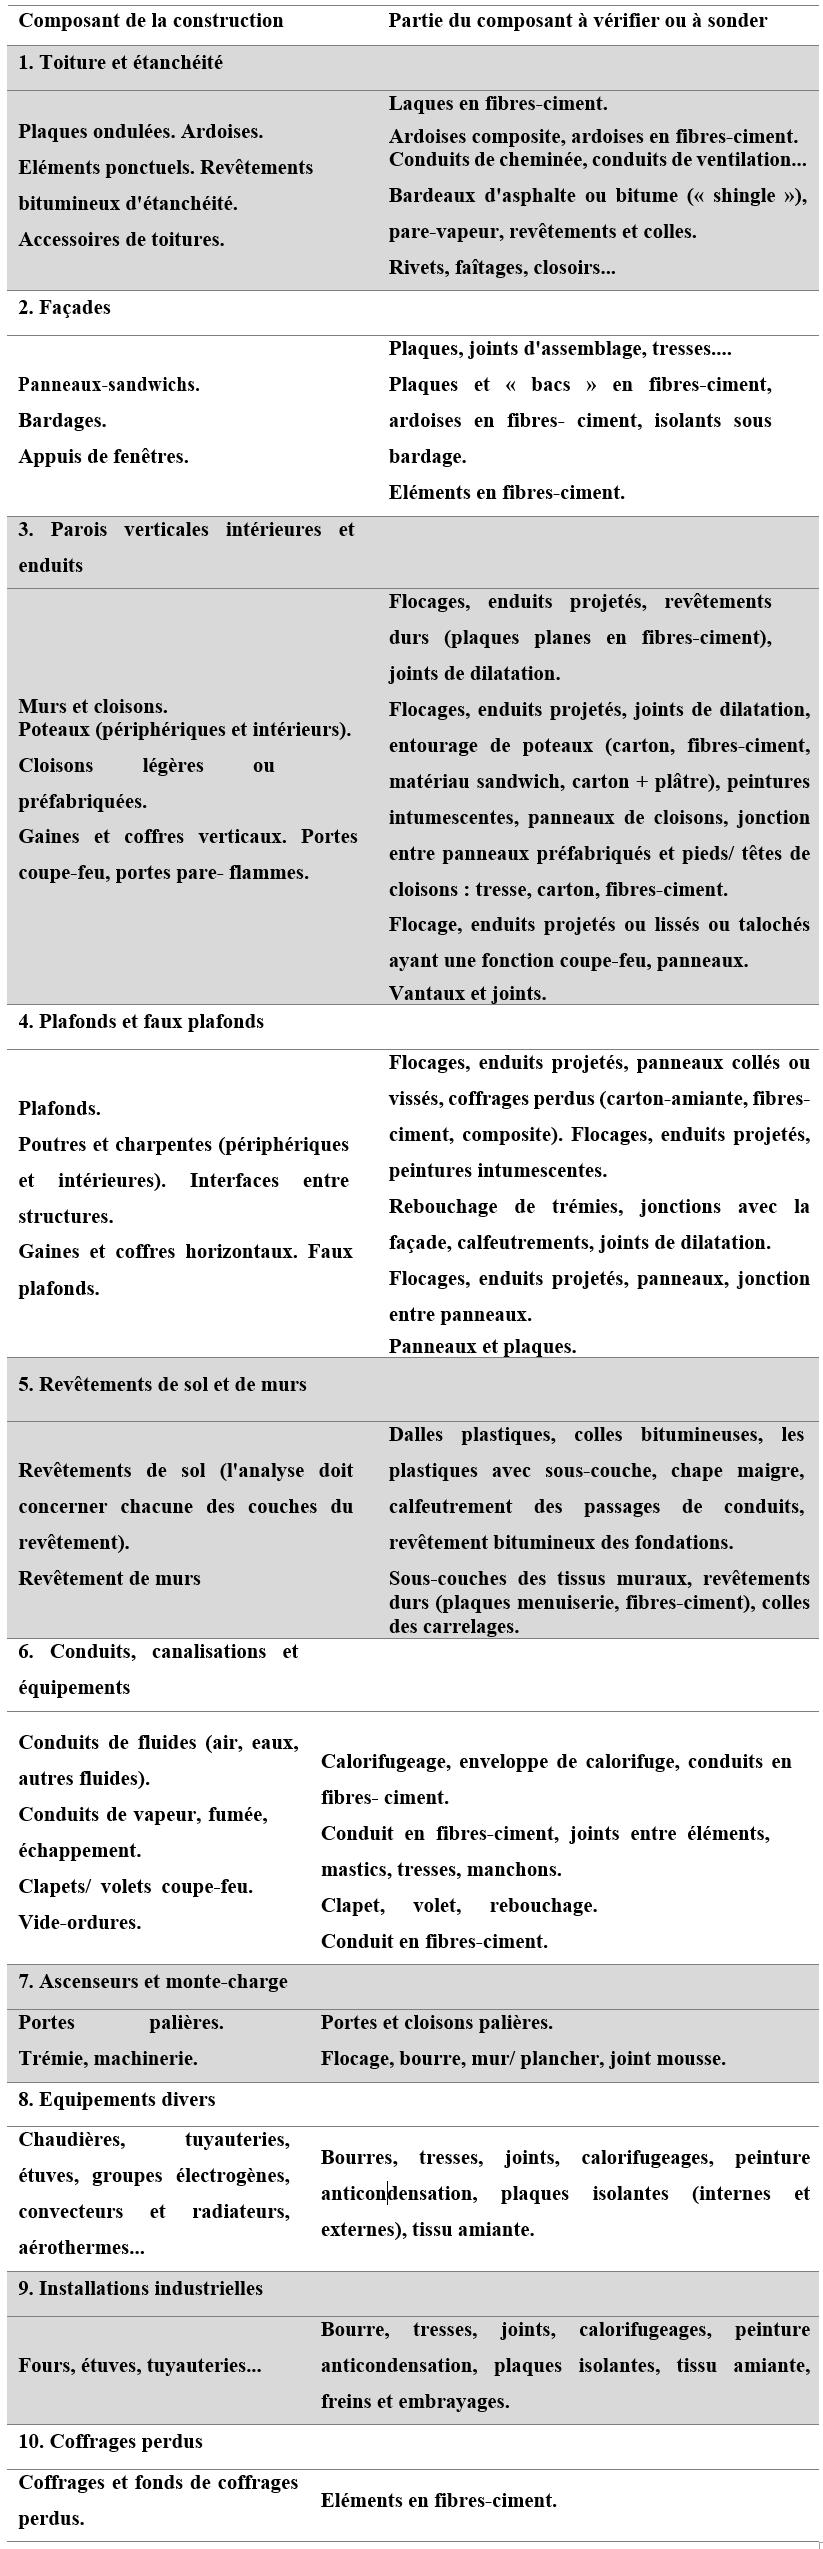 Diagnostics Amiante - Liste C